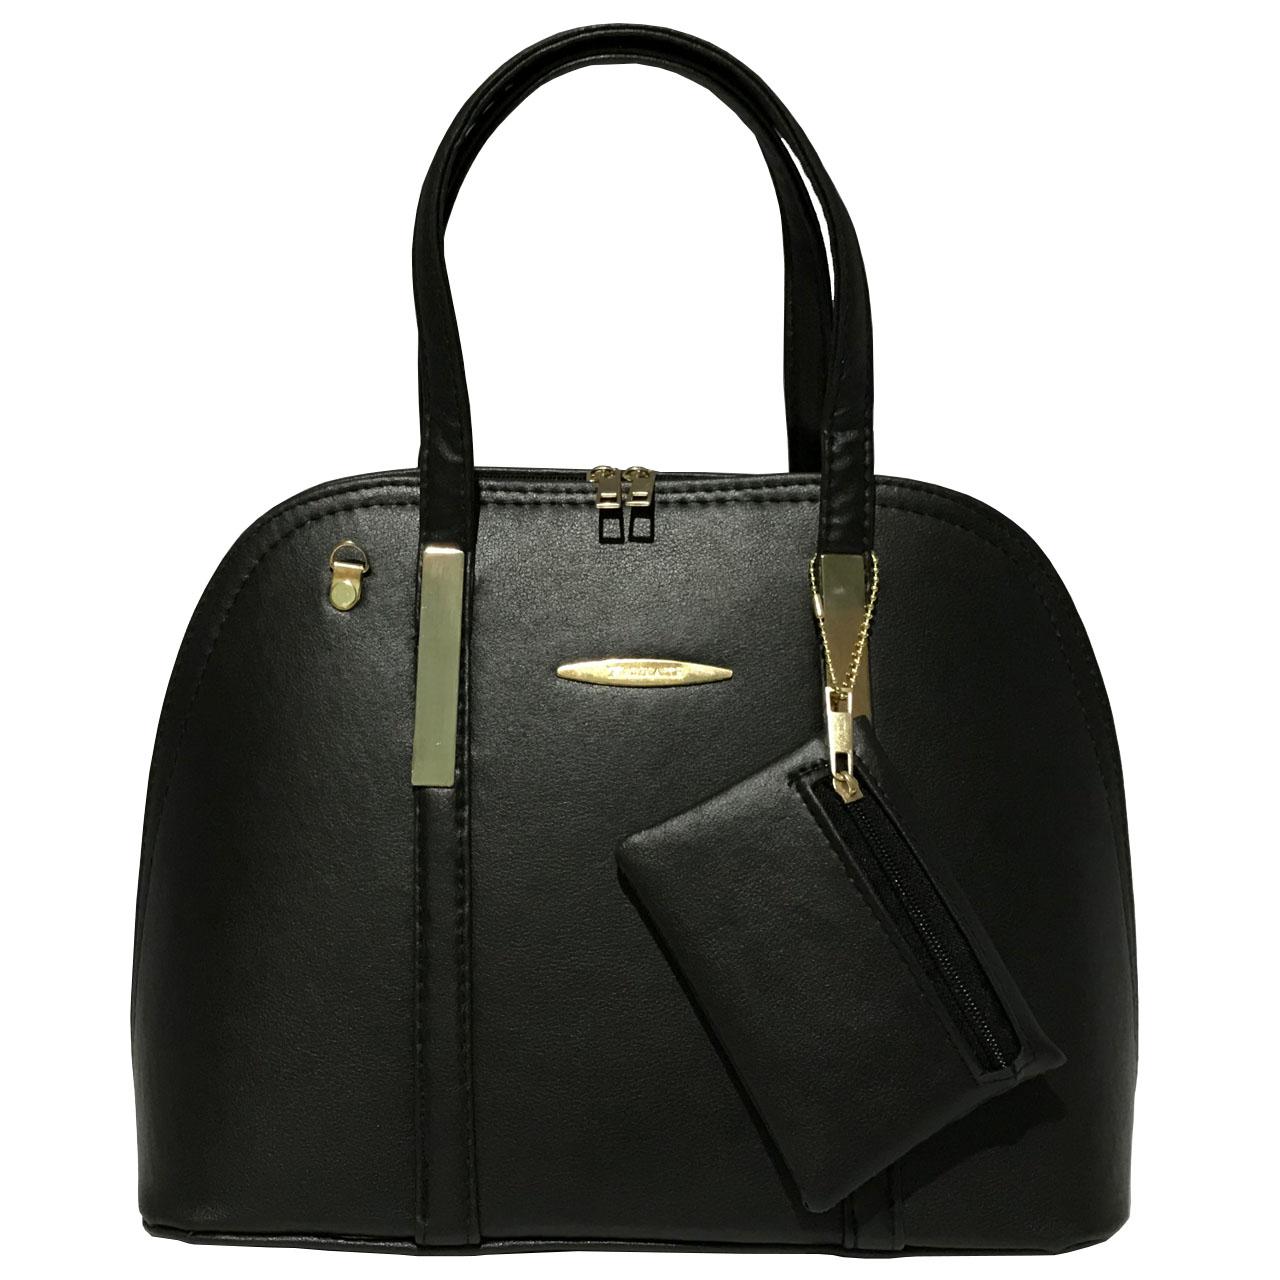 قیمت کیف دستی زنانه مدل 344 به همراه جاسوییچی چرم طبیعی طرح کفش هدیه